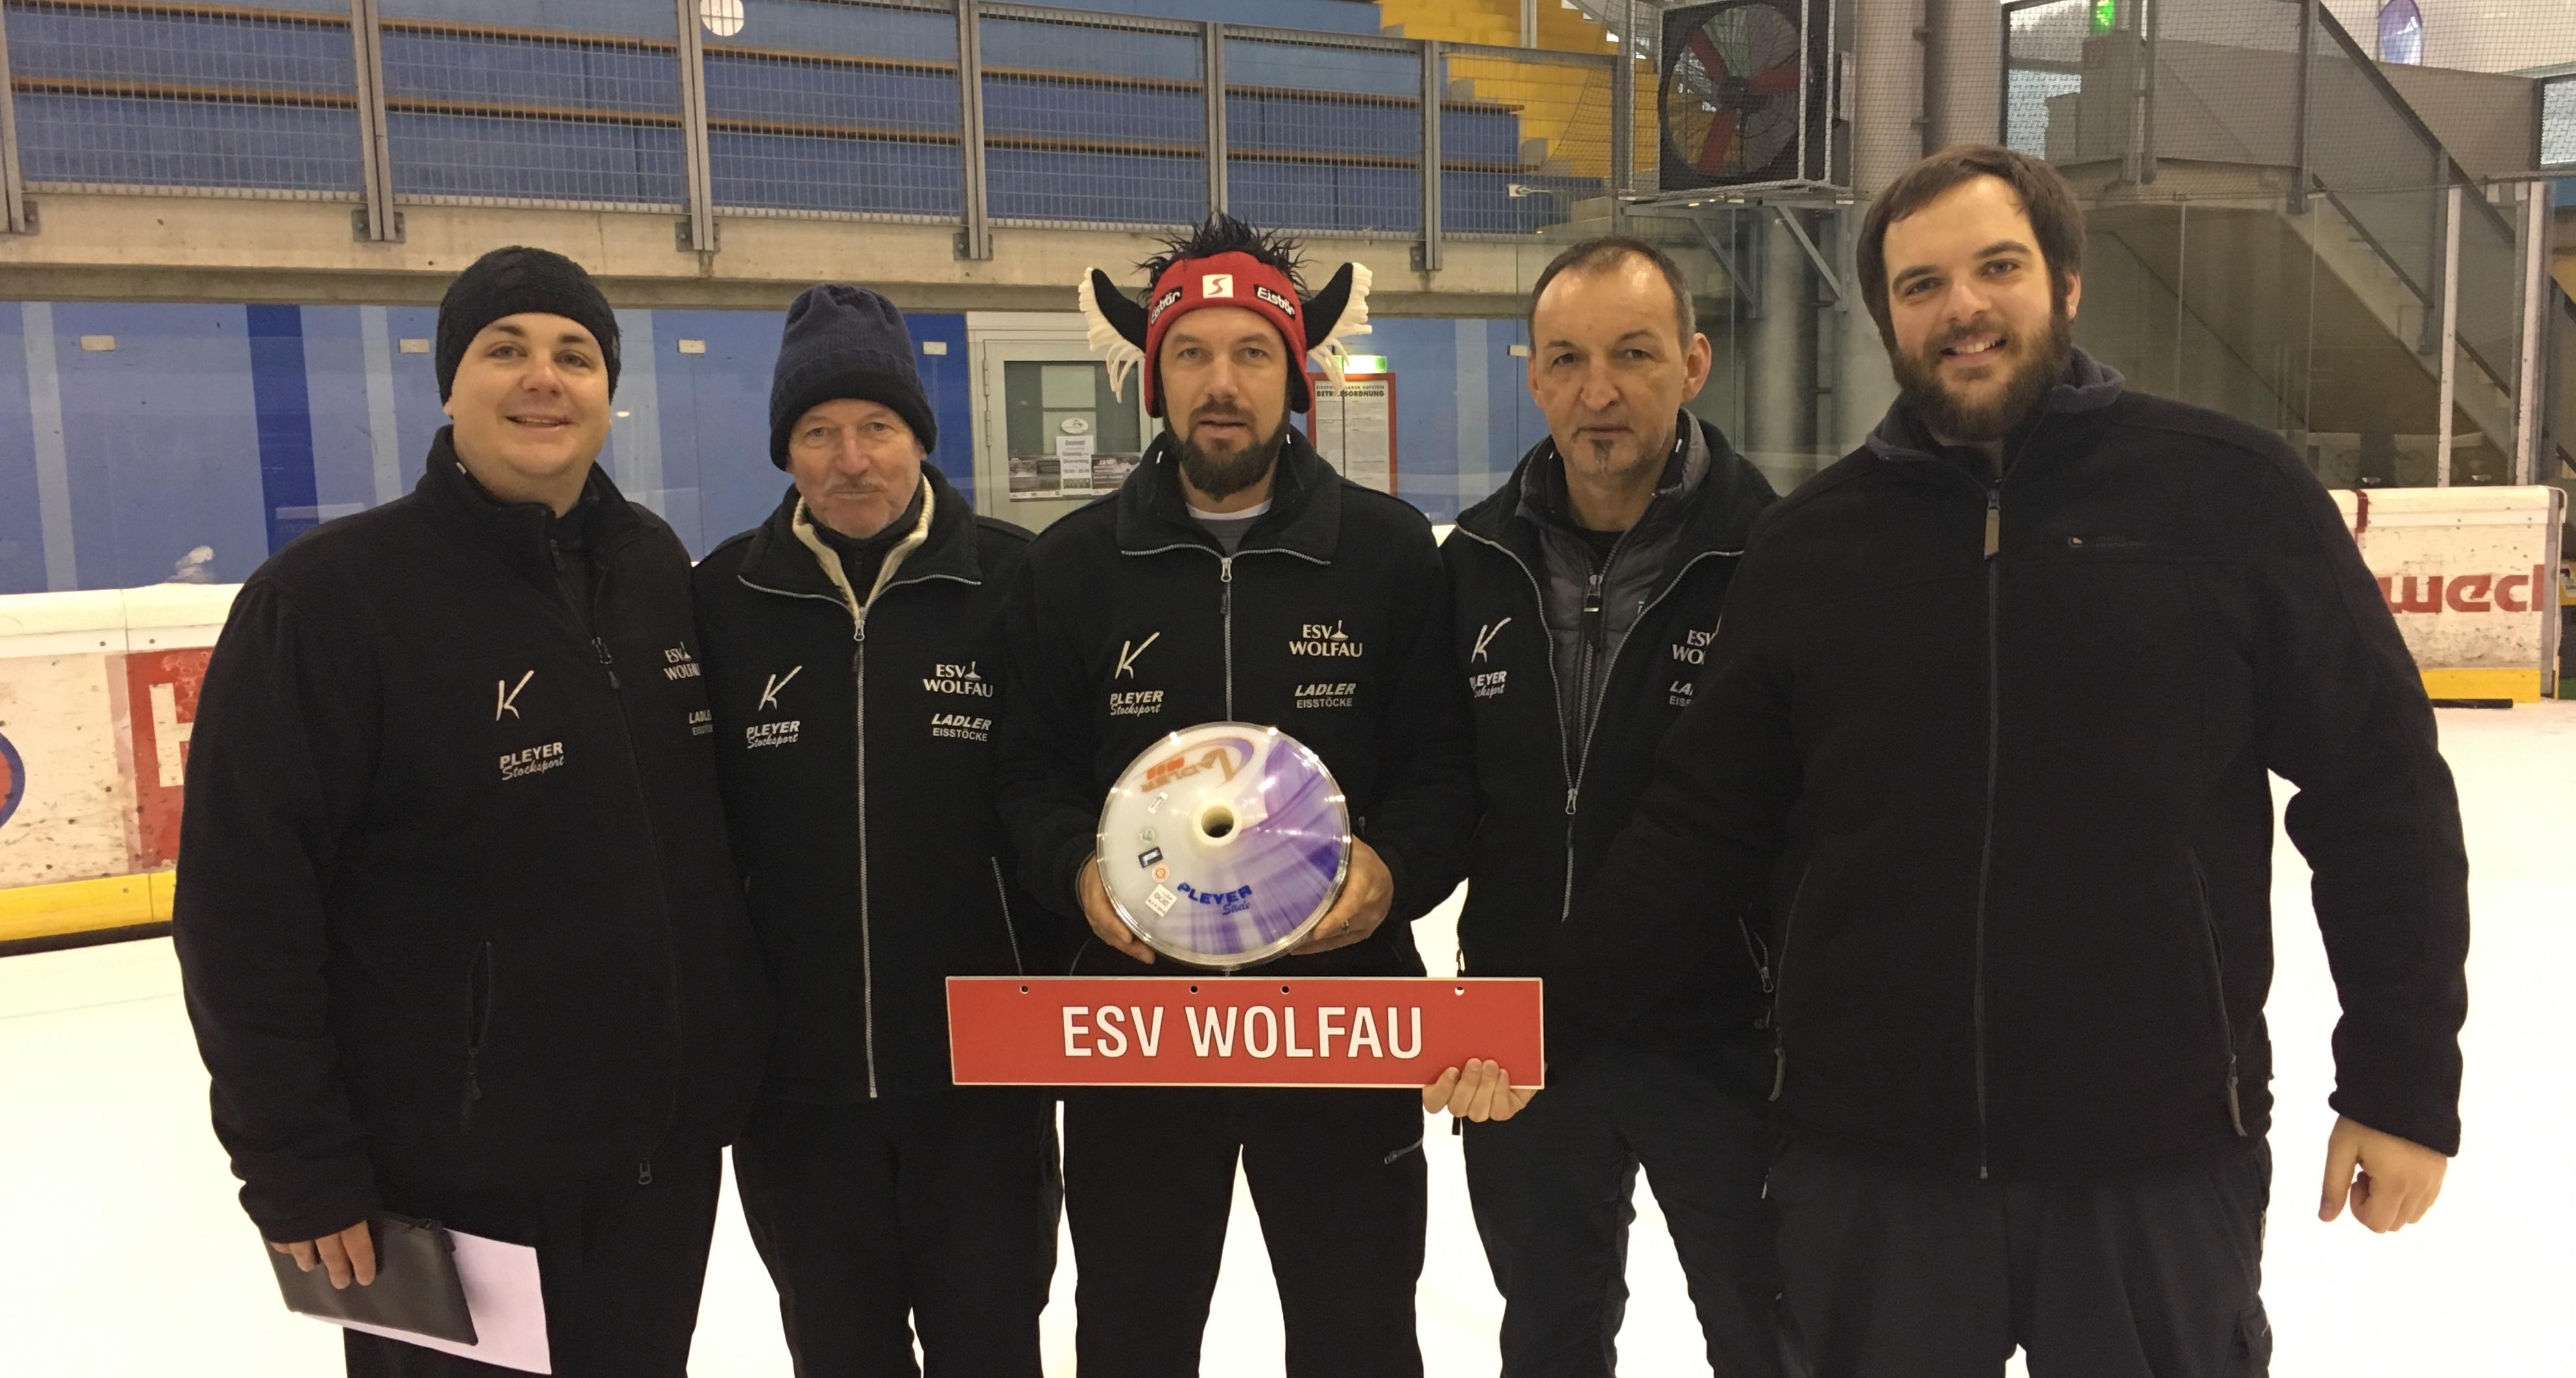 4. Platz für den ESV Wolfau in BL2